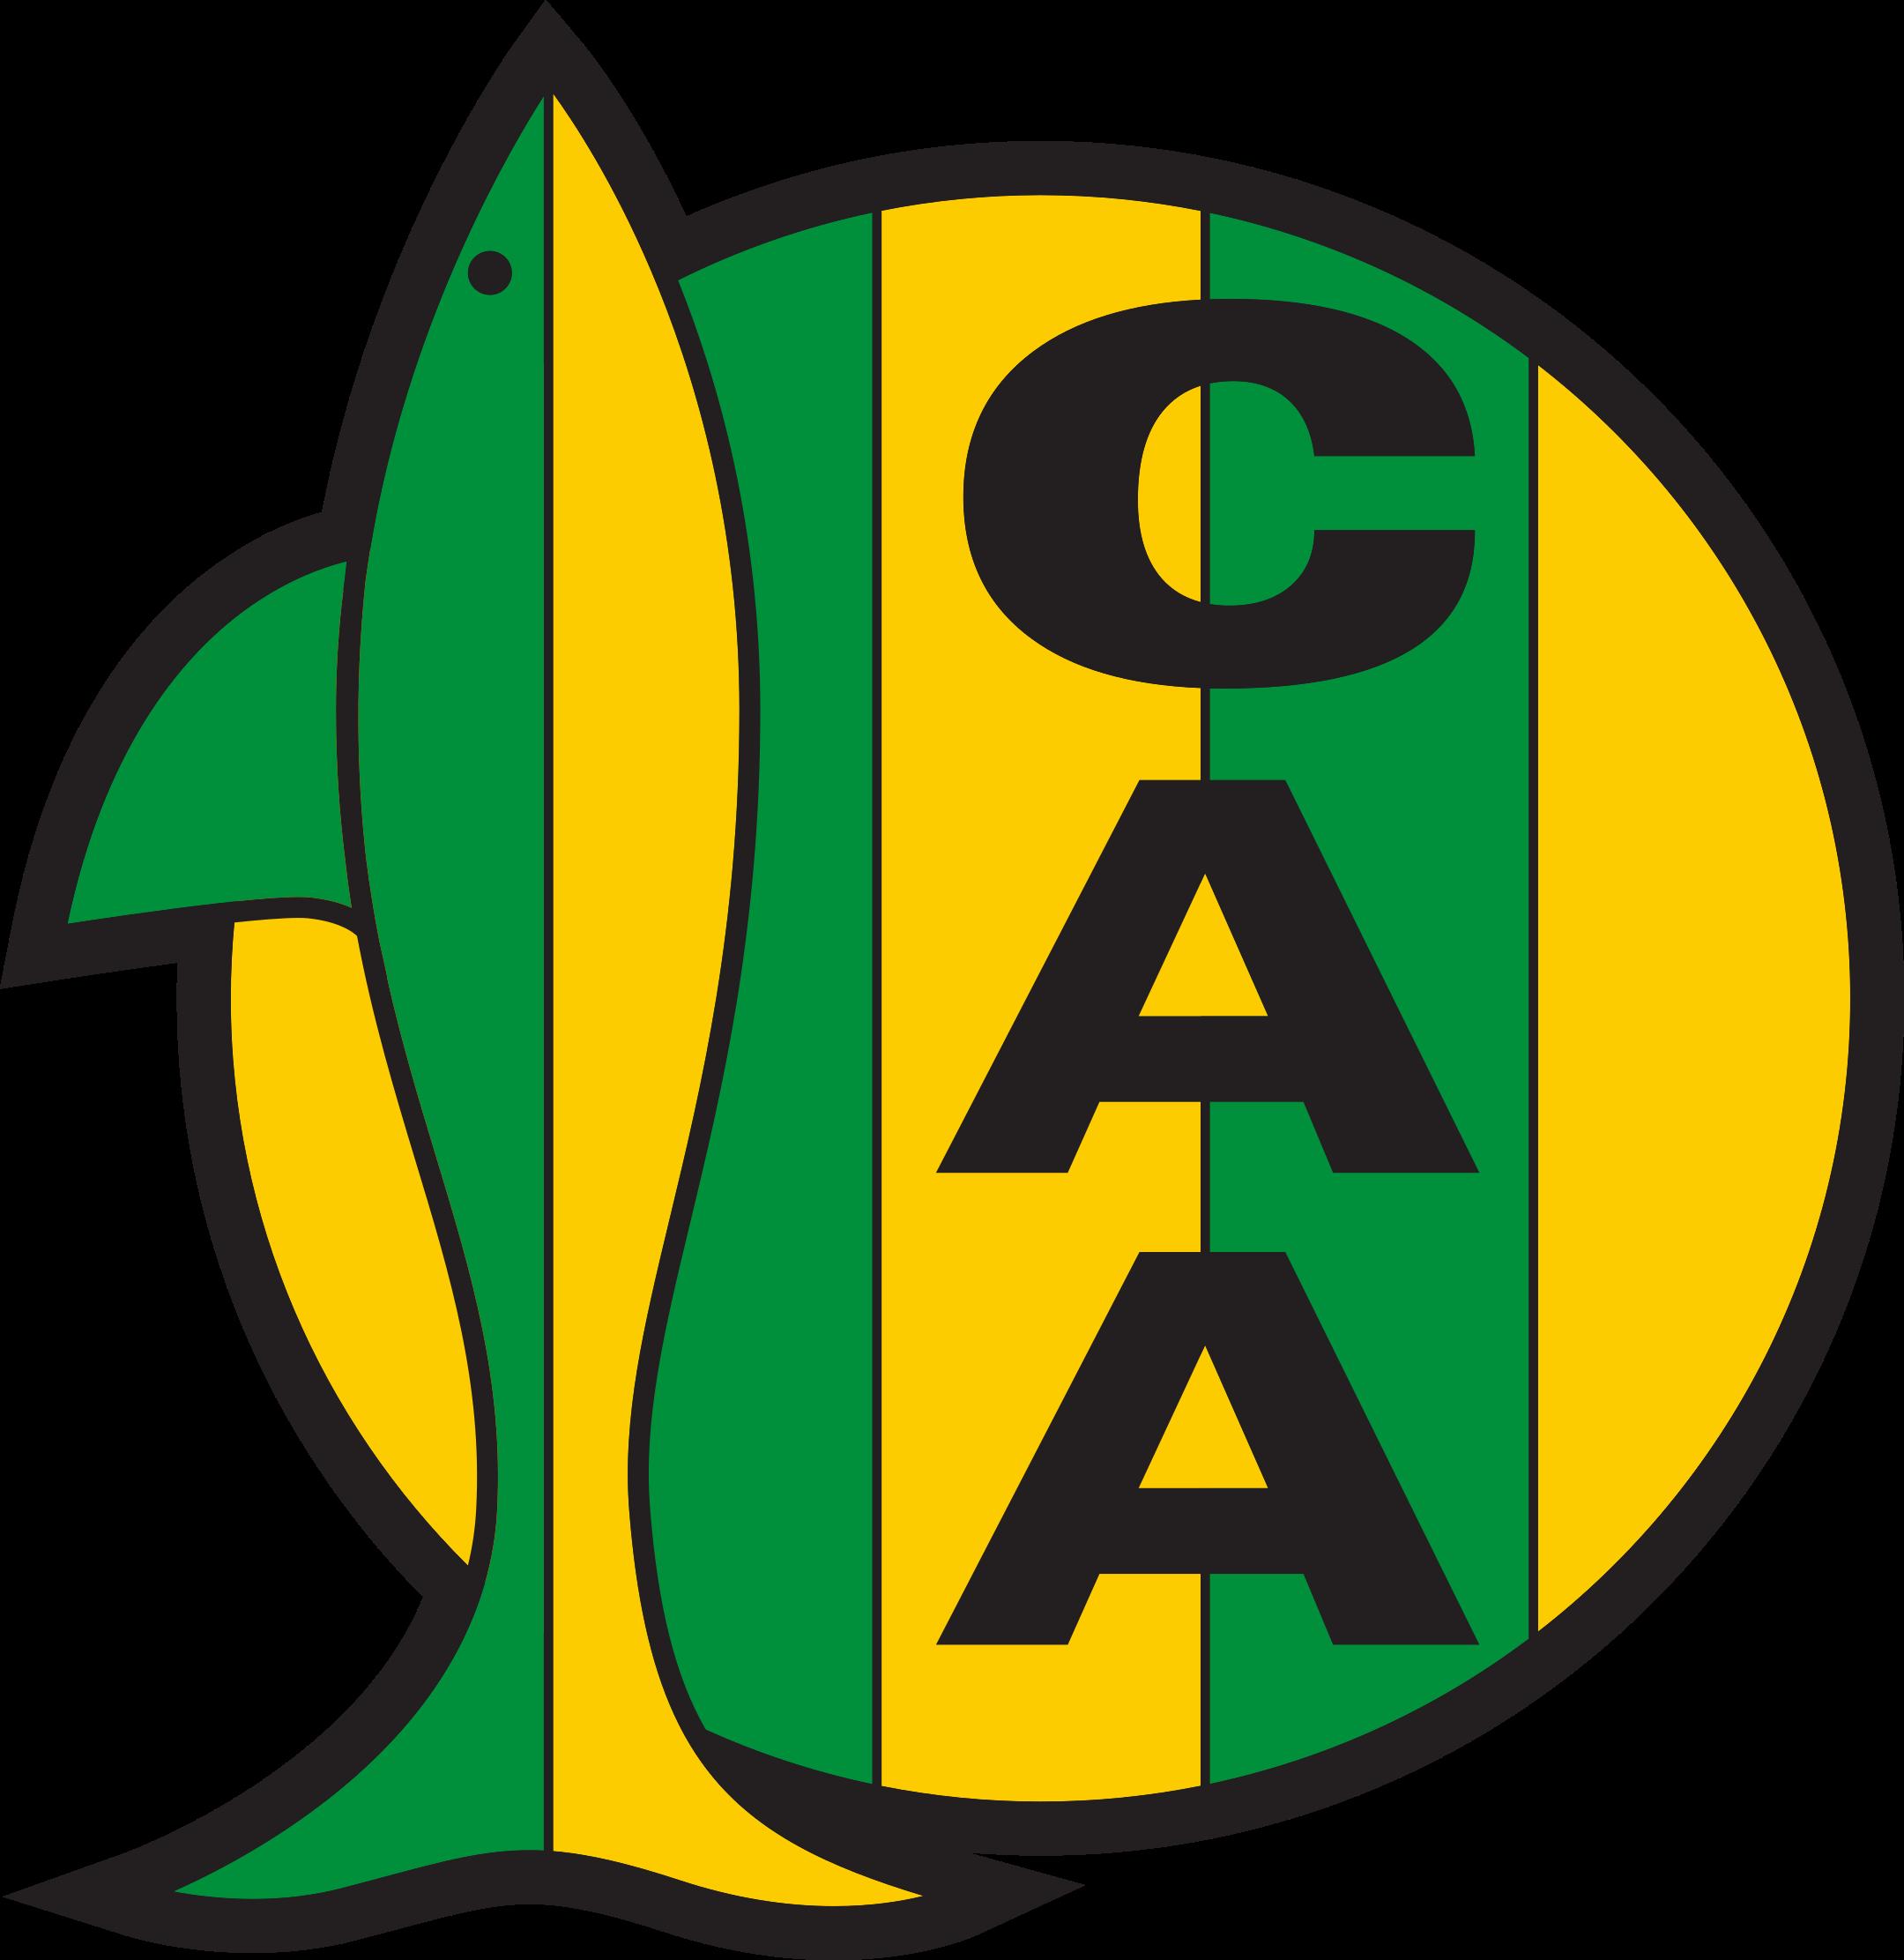 ca aldosivi logo 1 - CA Aldosivi Logo - Escudo